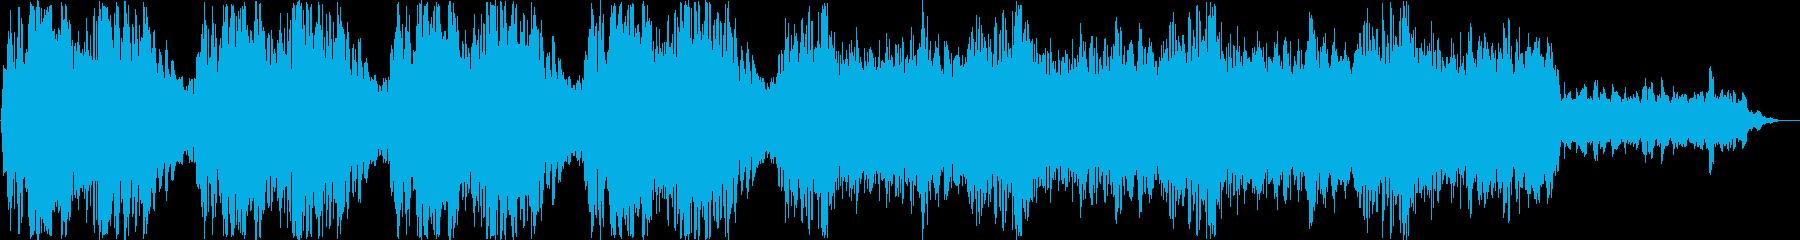 ファンタジーなシンセサイザー曲の再生済みの波形